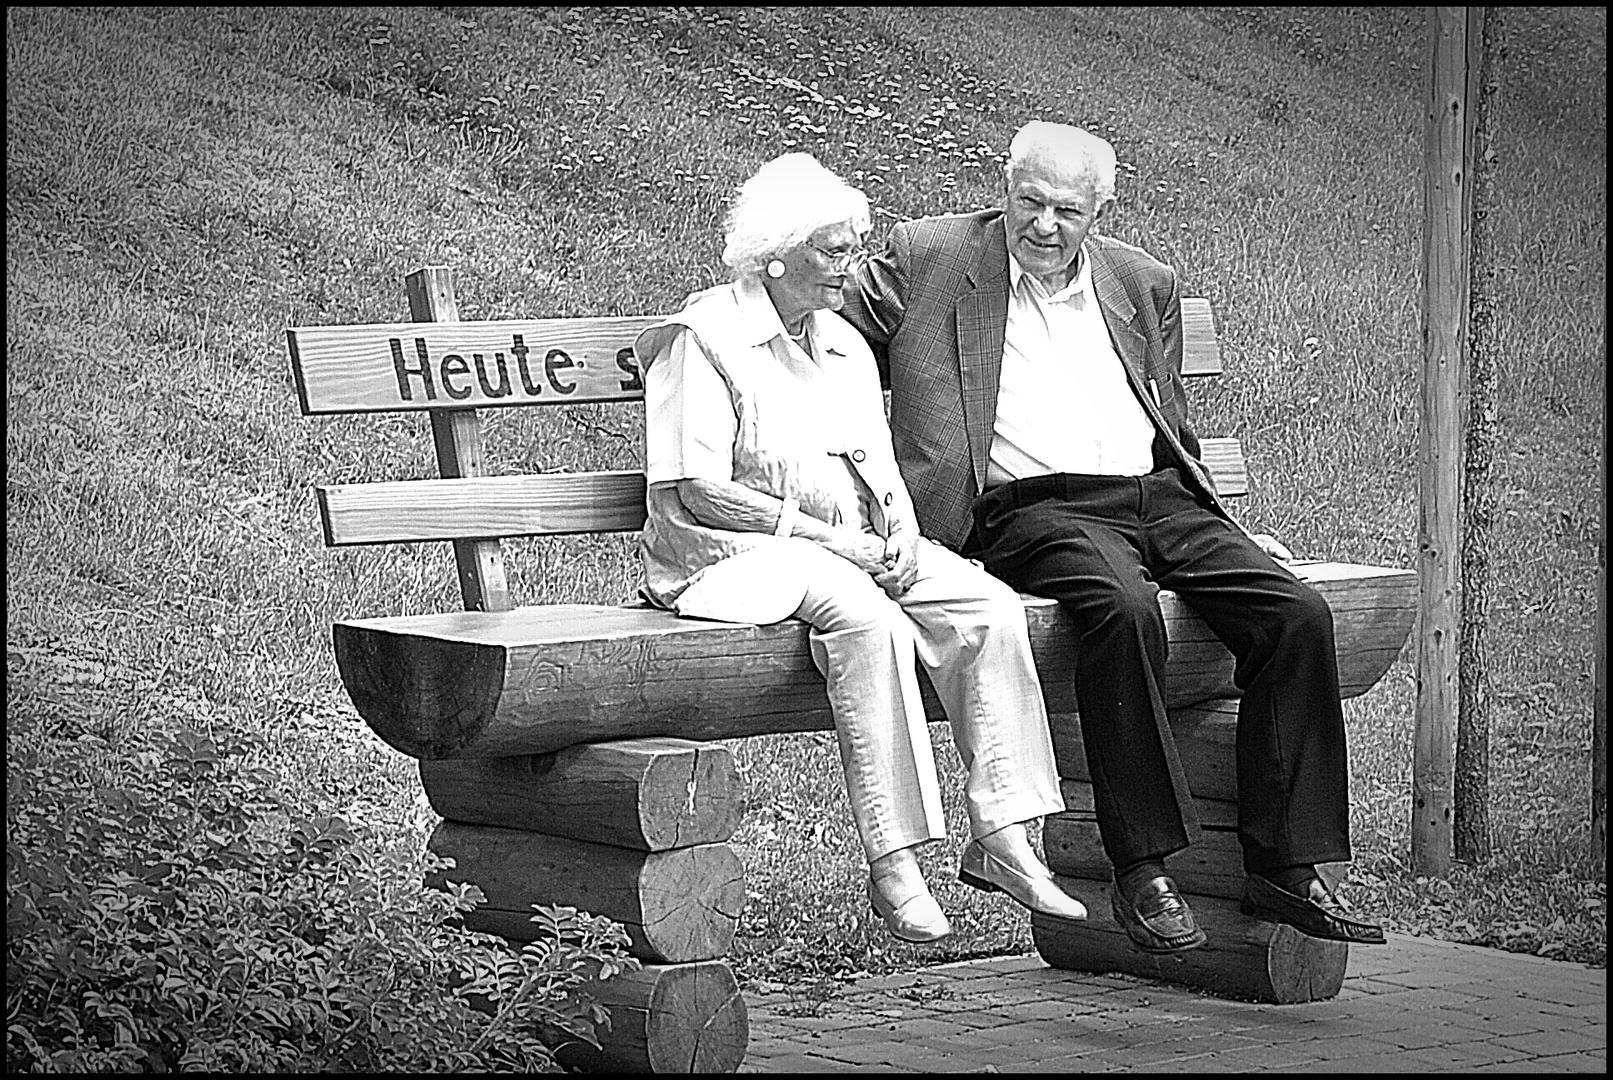 Wir werden nicht älter mit den Jahren, wir werden neuer jeden Tag.